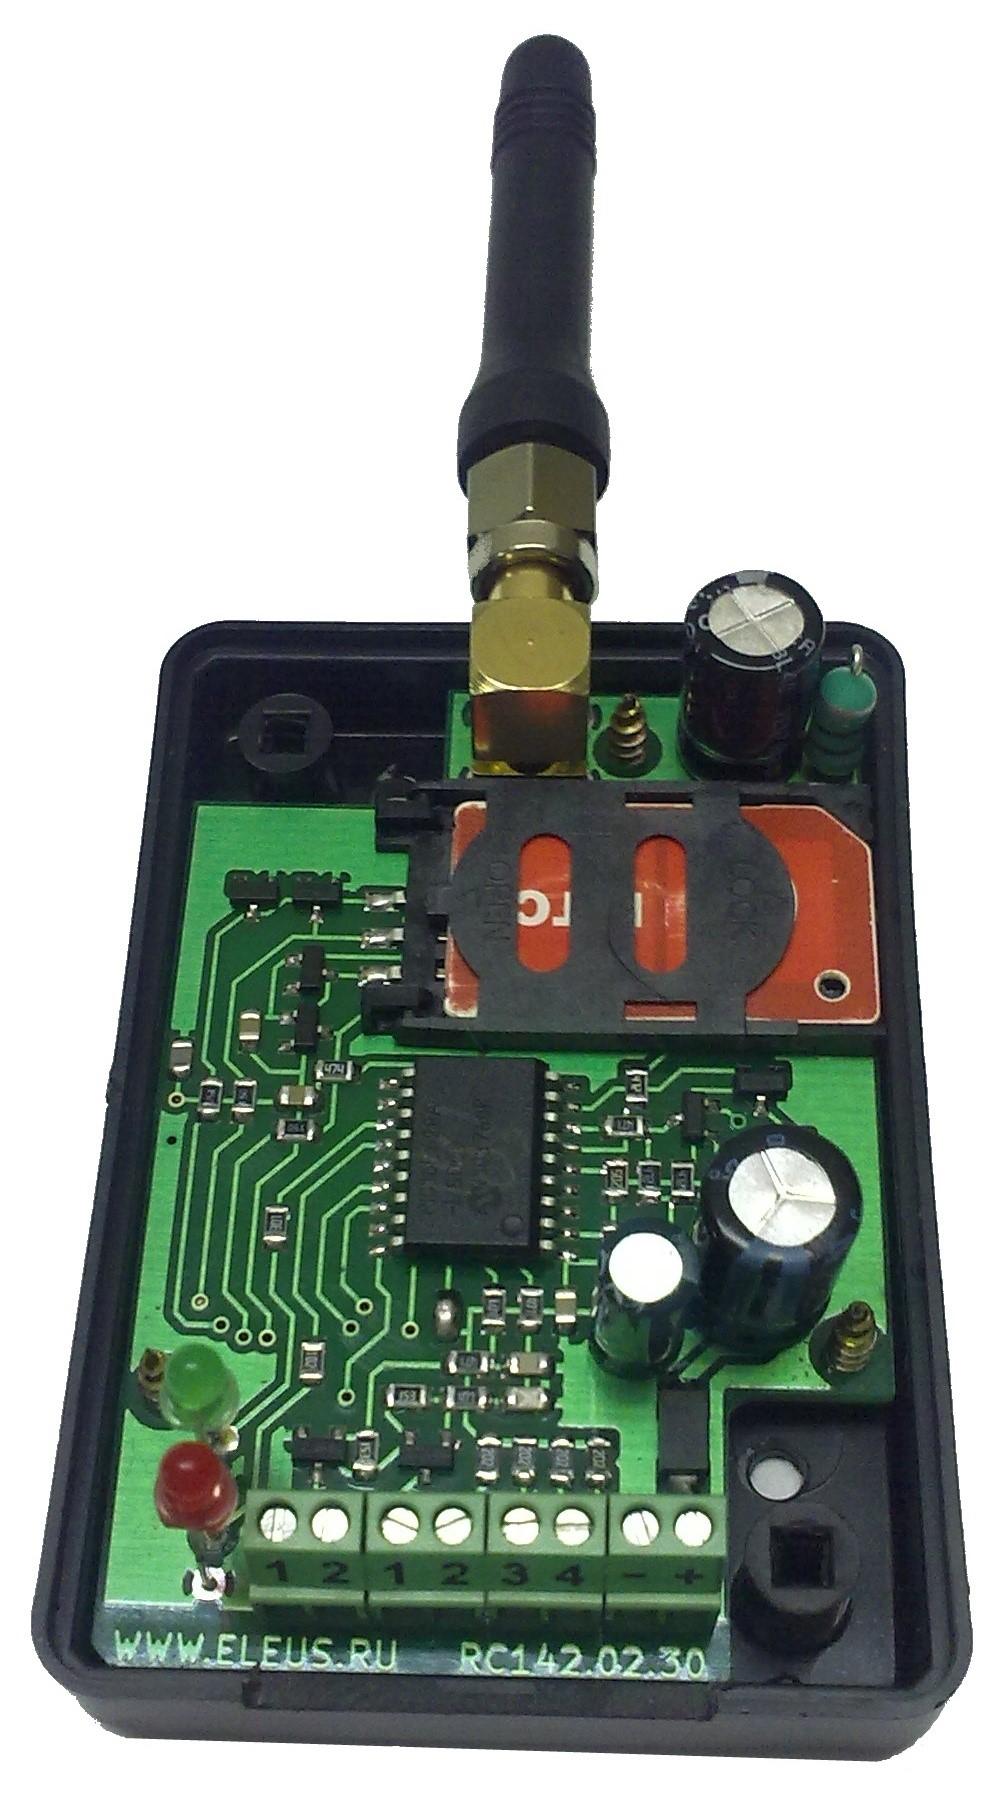 контроллер управления gsm телефоном